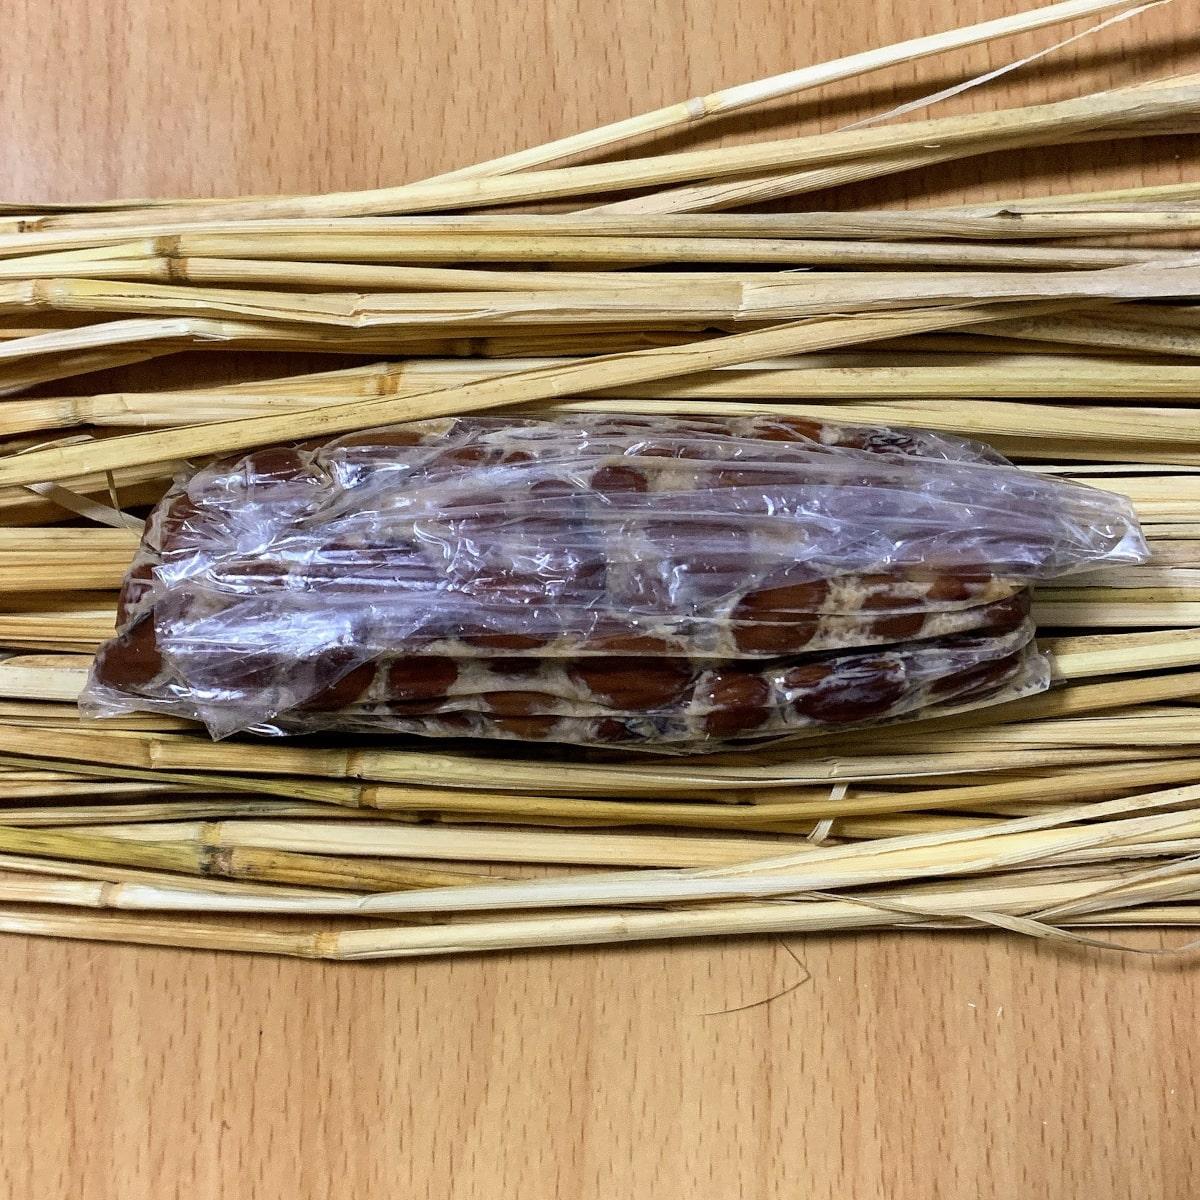 「紅豆納豆」の藁苞の中の画像